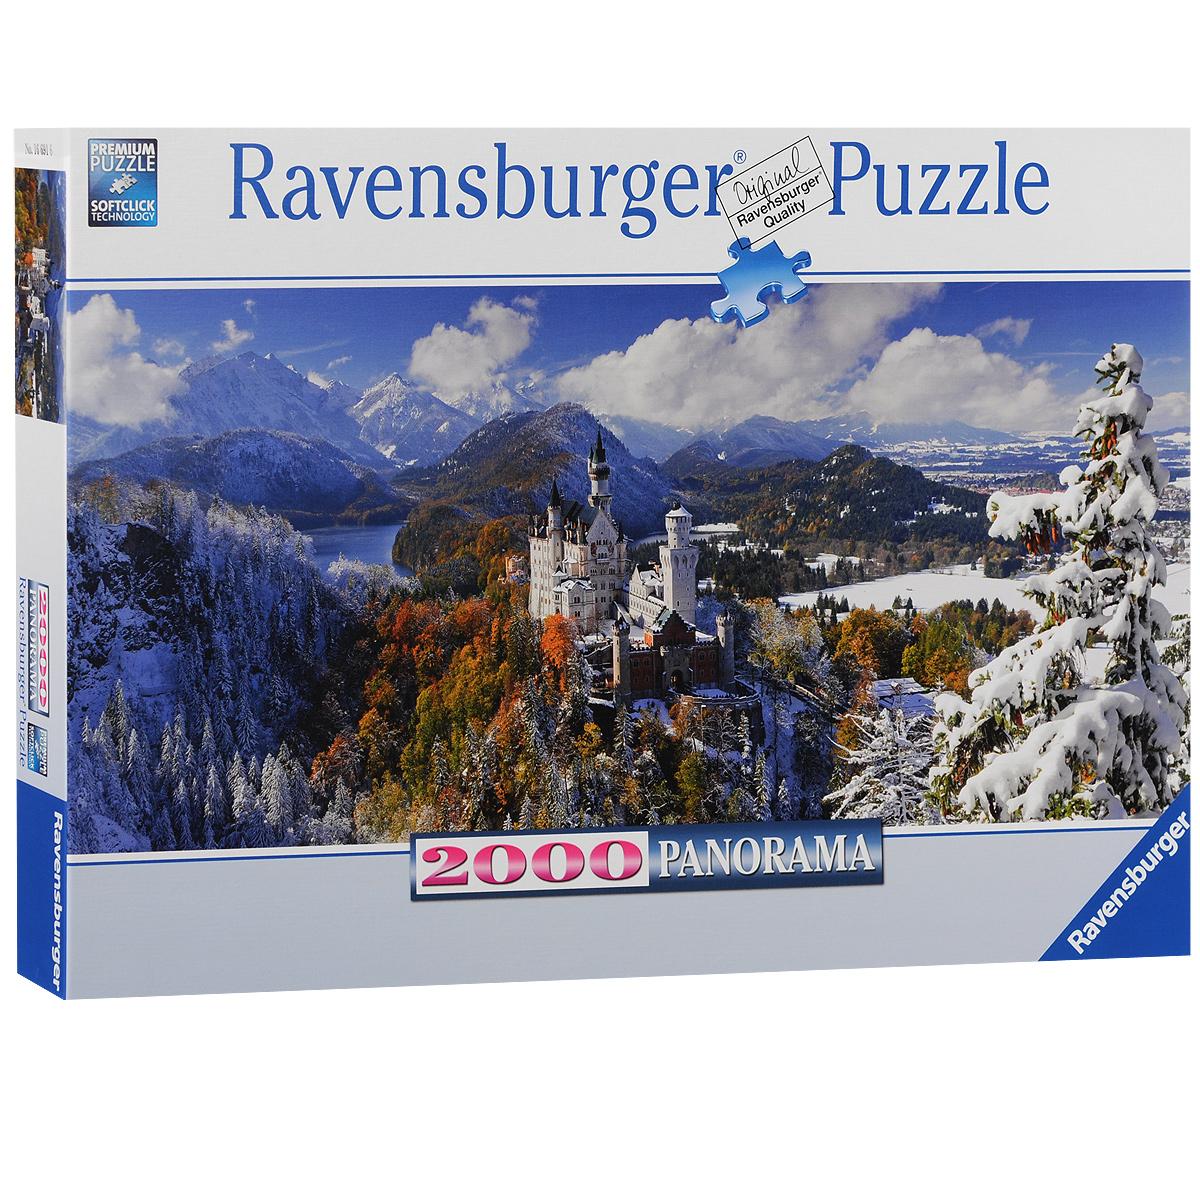 Ravensburger Нойшванштайн. Панорамный пазл, 2000 элементов166916Панорамный пазл Ravensburger Нойшванштайн, без сомнения, придется вам по душе. Собрав этот пазл, включающий в себя 2000 элементов, вы получите великолепную картину с изображением замка. Каждая деталь имеет свою форму и подходит только на своё место. Нет двух одинаковых деталей! Пазл изготовлен из картона высочайшего качества. Все изображения аккуратно отсканированы и напечатаны на ламинированной бумаге. Пазл - великолепная игра для семейного досуга. Сегодня собирание пазлов стало особенно популярным, главным образом, благодаря своей многообразной тематике, способной удовлетворить самый взыскательный вкус. А для детей это не только интересно, но и полезно. Собирание пазла развивает мелкую моторику у ребенка, тренирует наблюдательность, логическое мышление, знакомит с окружающим миром, с цветом и разнообразными формами.